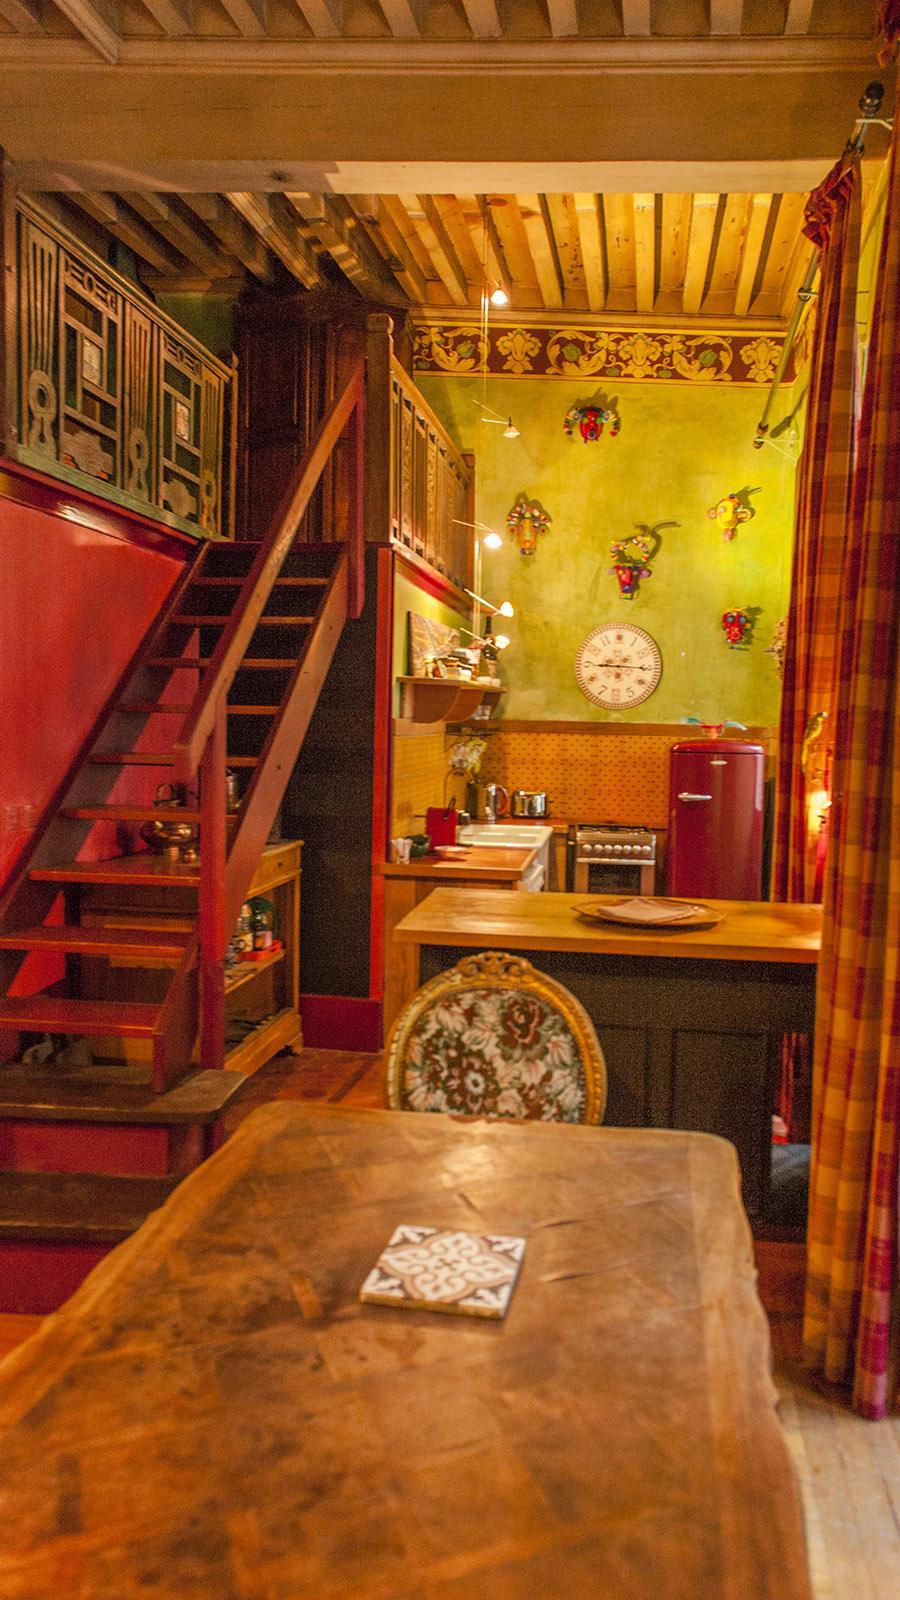 Die Küche der Ferienwohnung der Maison Fogasses. Foto: Hilke Maunder